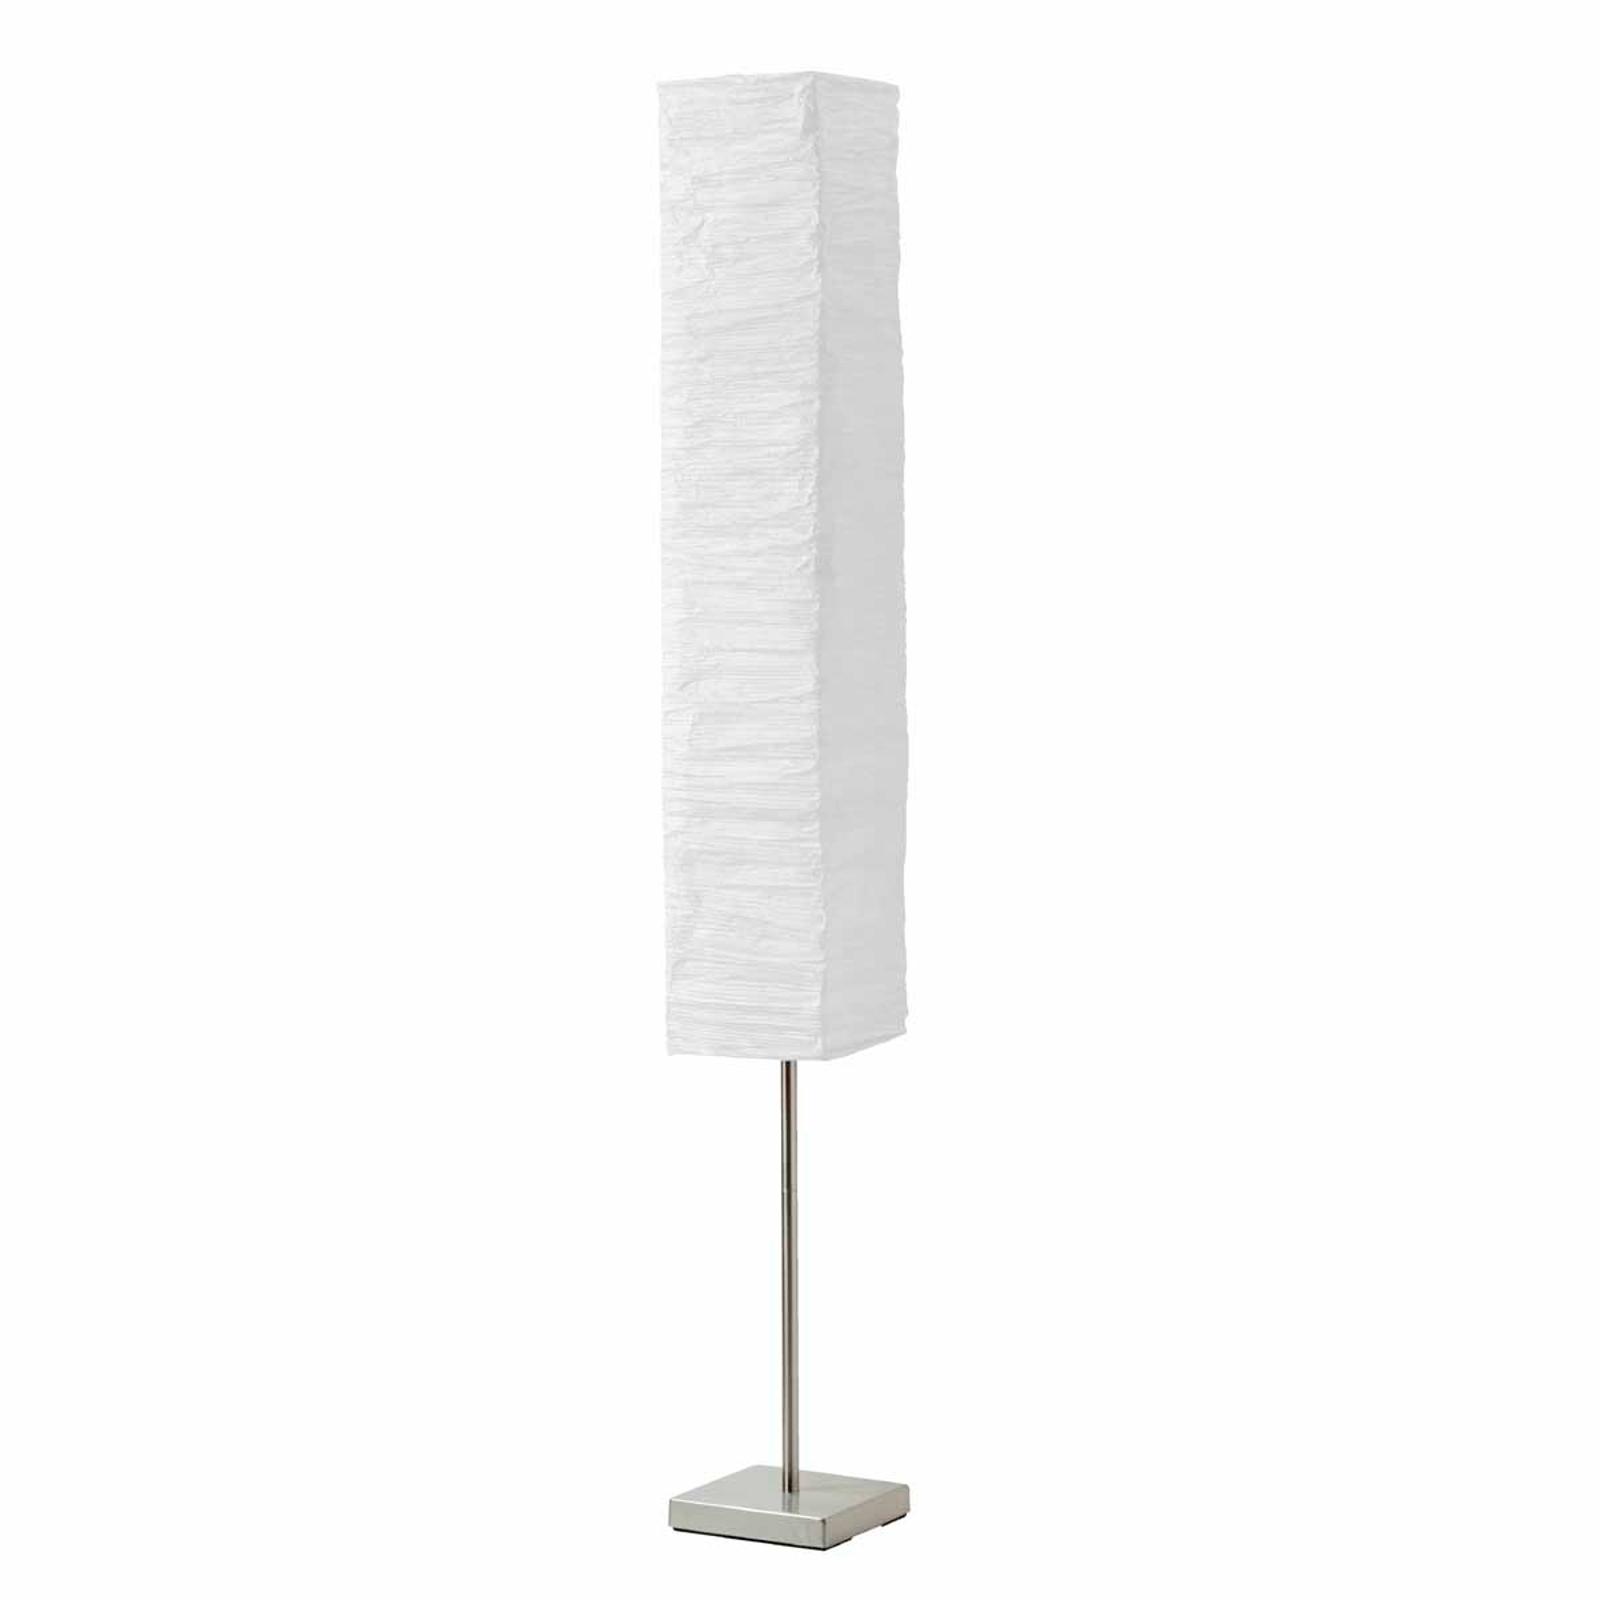 Uniwersalna lampa stojąca Nerva, biała